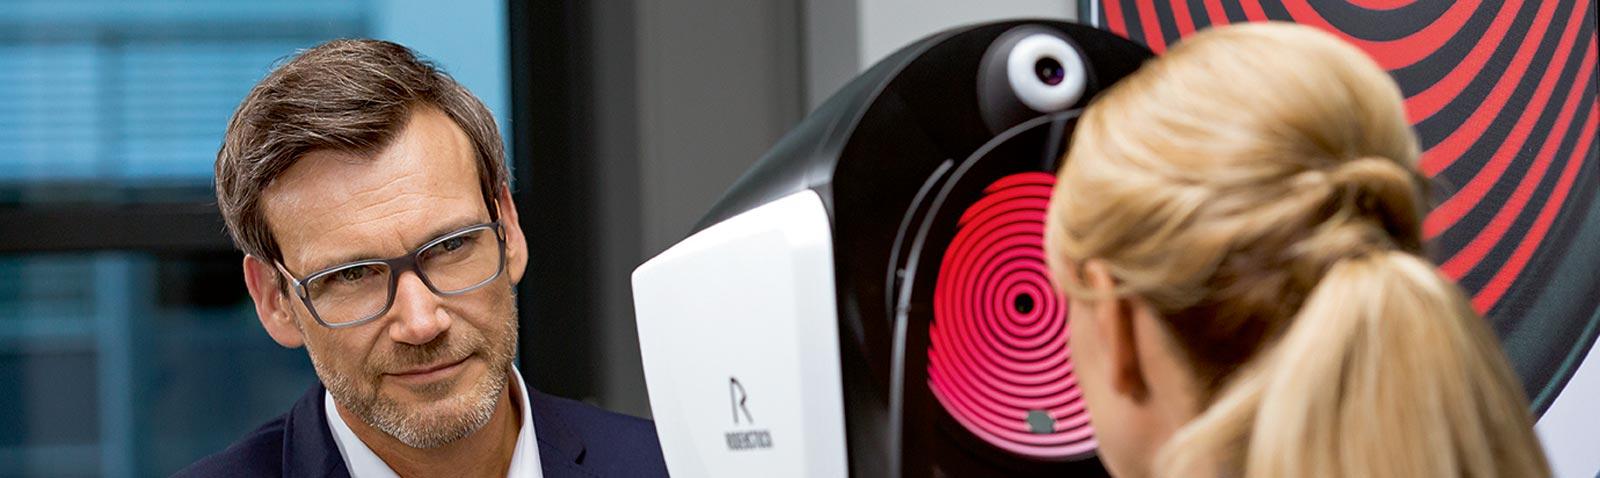 เลนส์โปรเกรสซีฟ Rodenstock - เลนส์คุณภาพดี เทคโนโลยีล่าสุดจากเยอรมัน